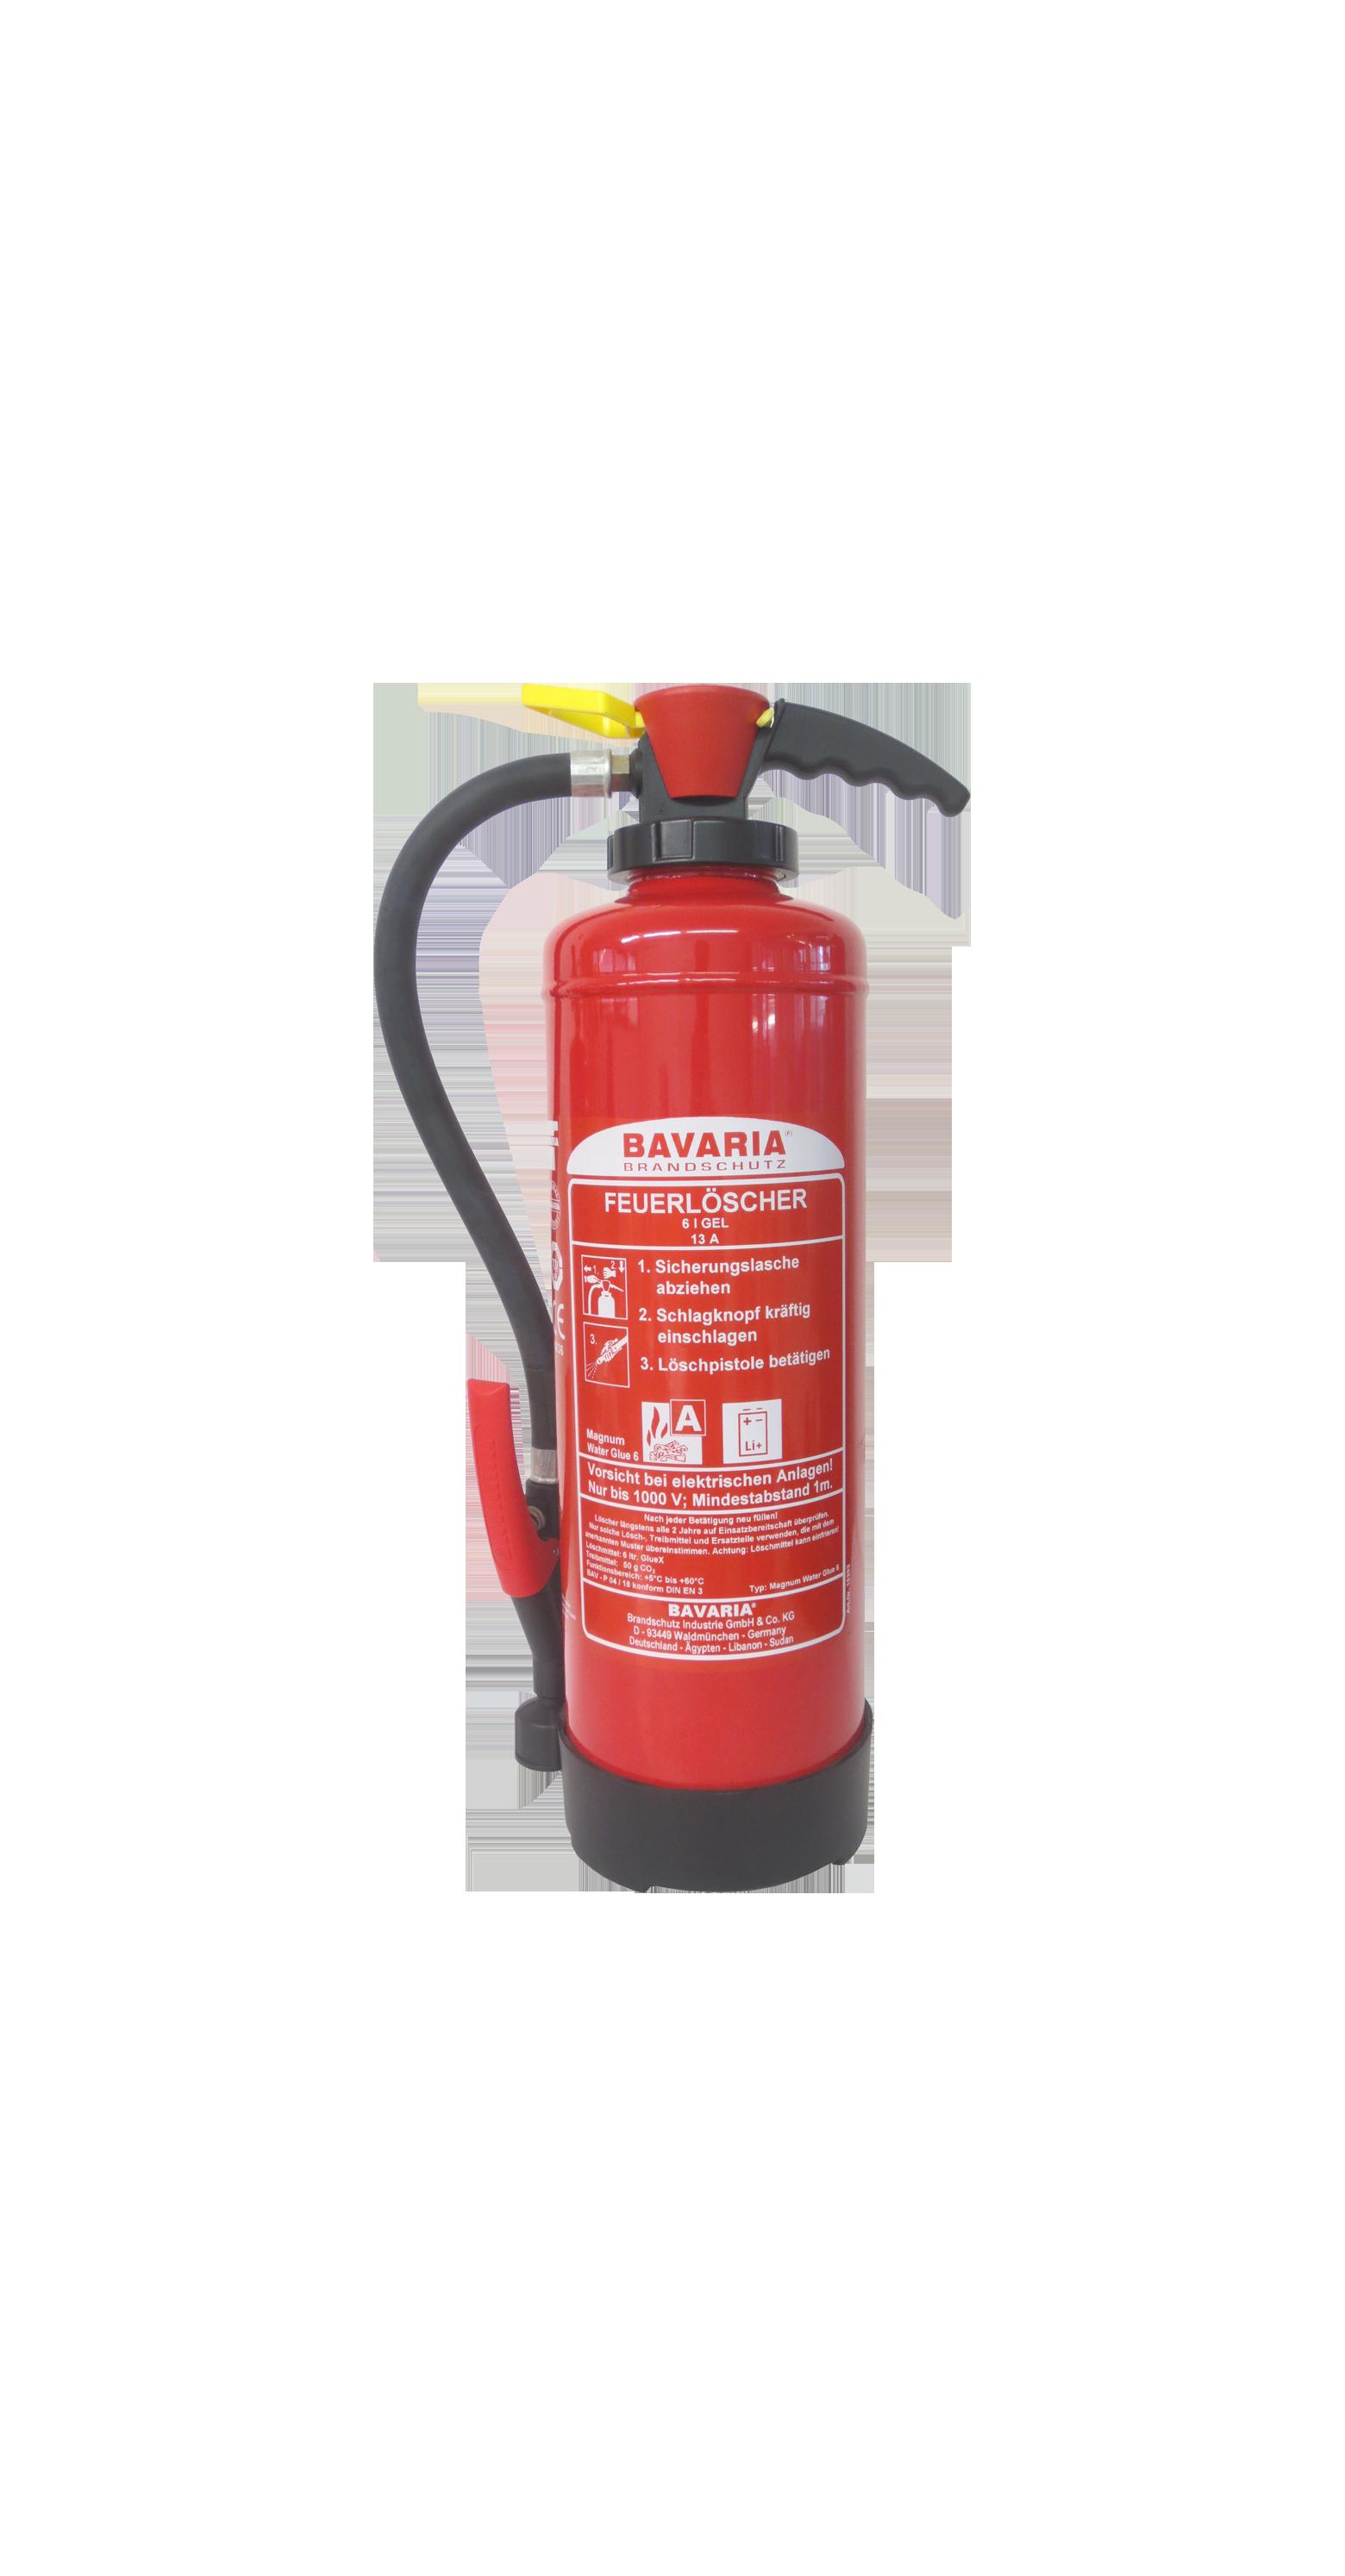 Magnum Water Glue 6 Bavaria Feuerlöscher eignet sich im Besonderen für Lithium-Ionen-Akkus.